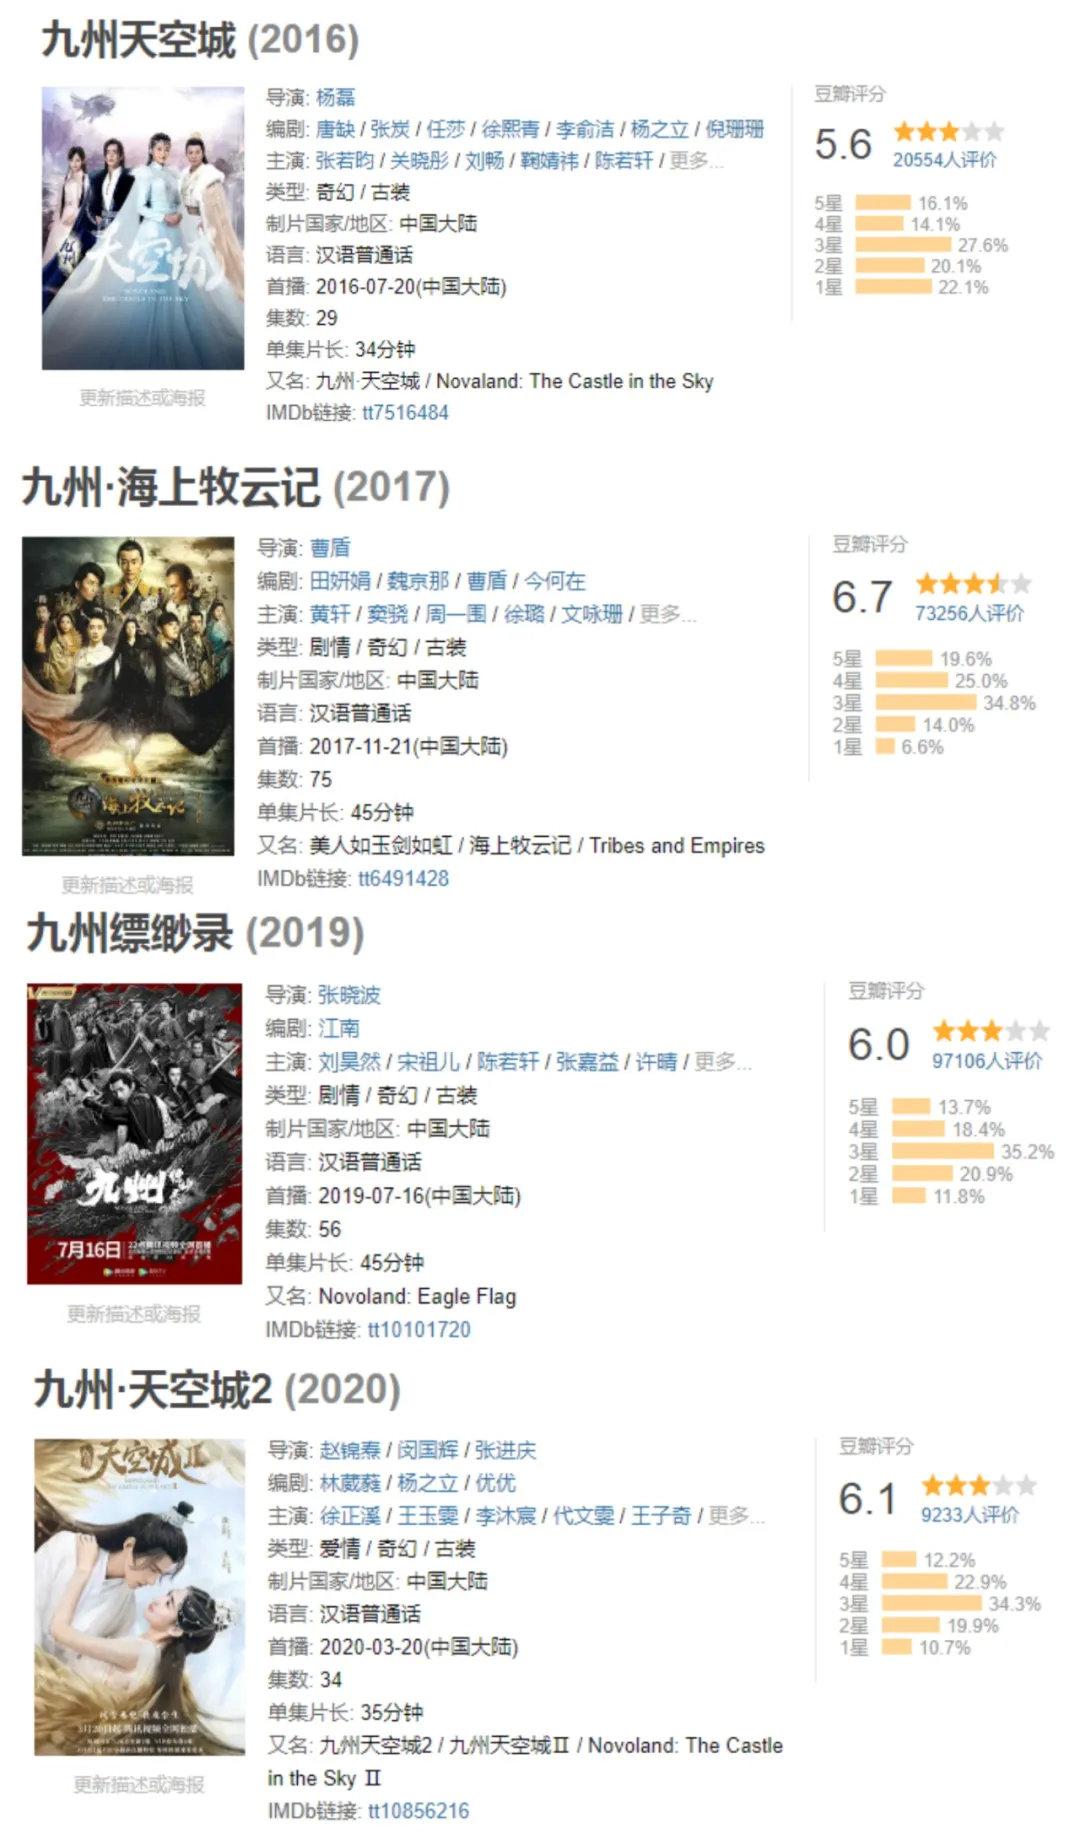 《九州》系列电视剧豆瓣评分